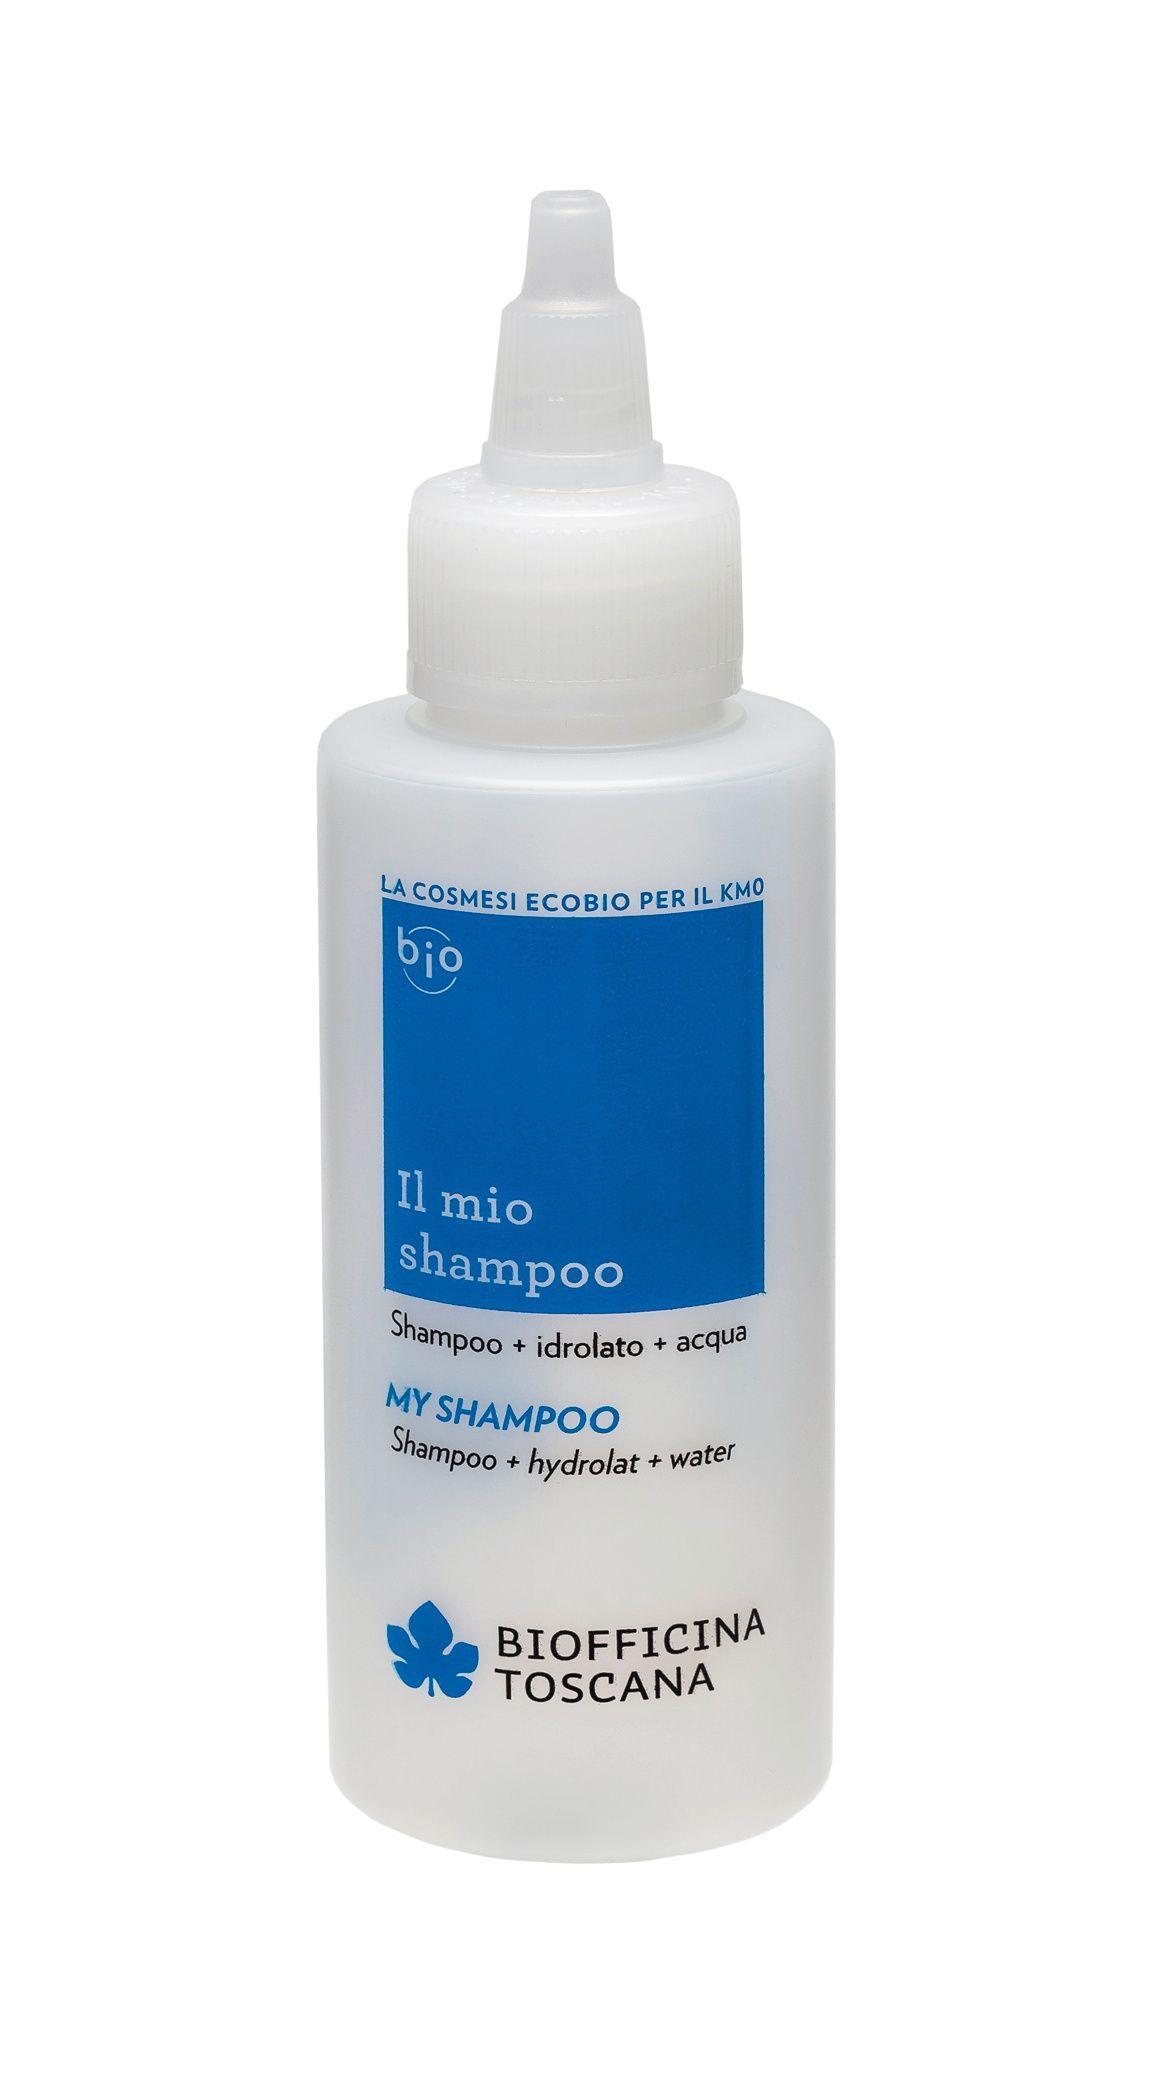 Biofficina Toscana My shampoo Modrá lahvička pro přípravu vlastního šampónu 100 ml